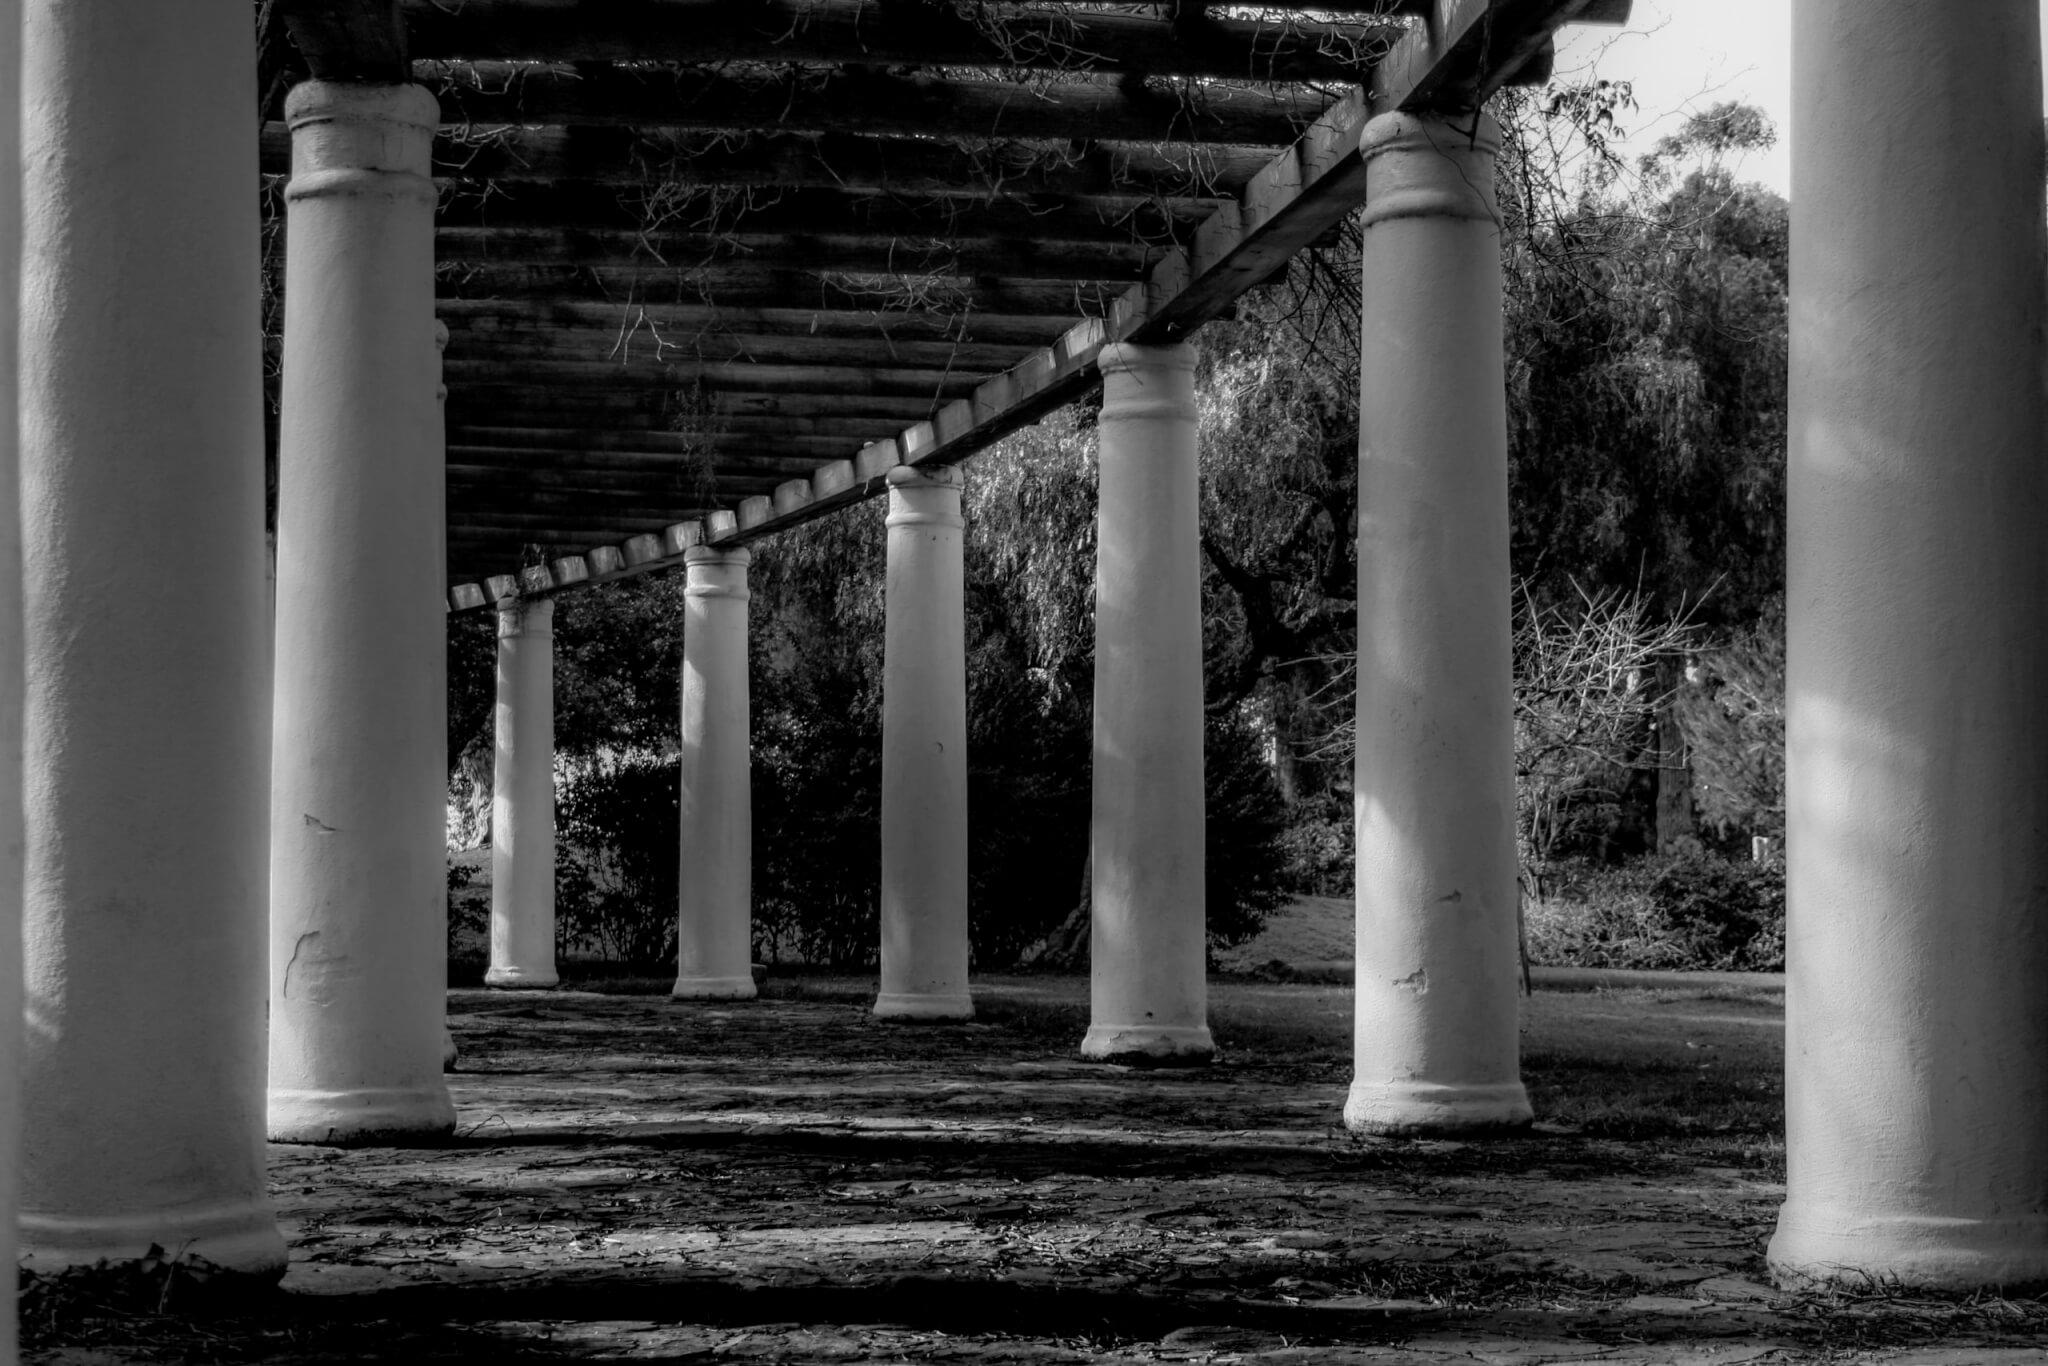 Presidio Park in Mission Hills, CA